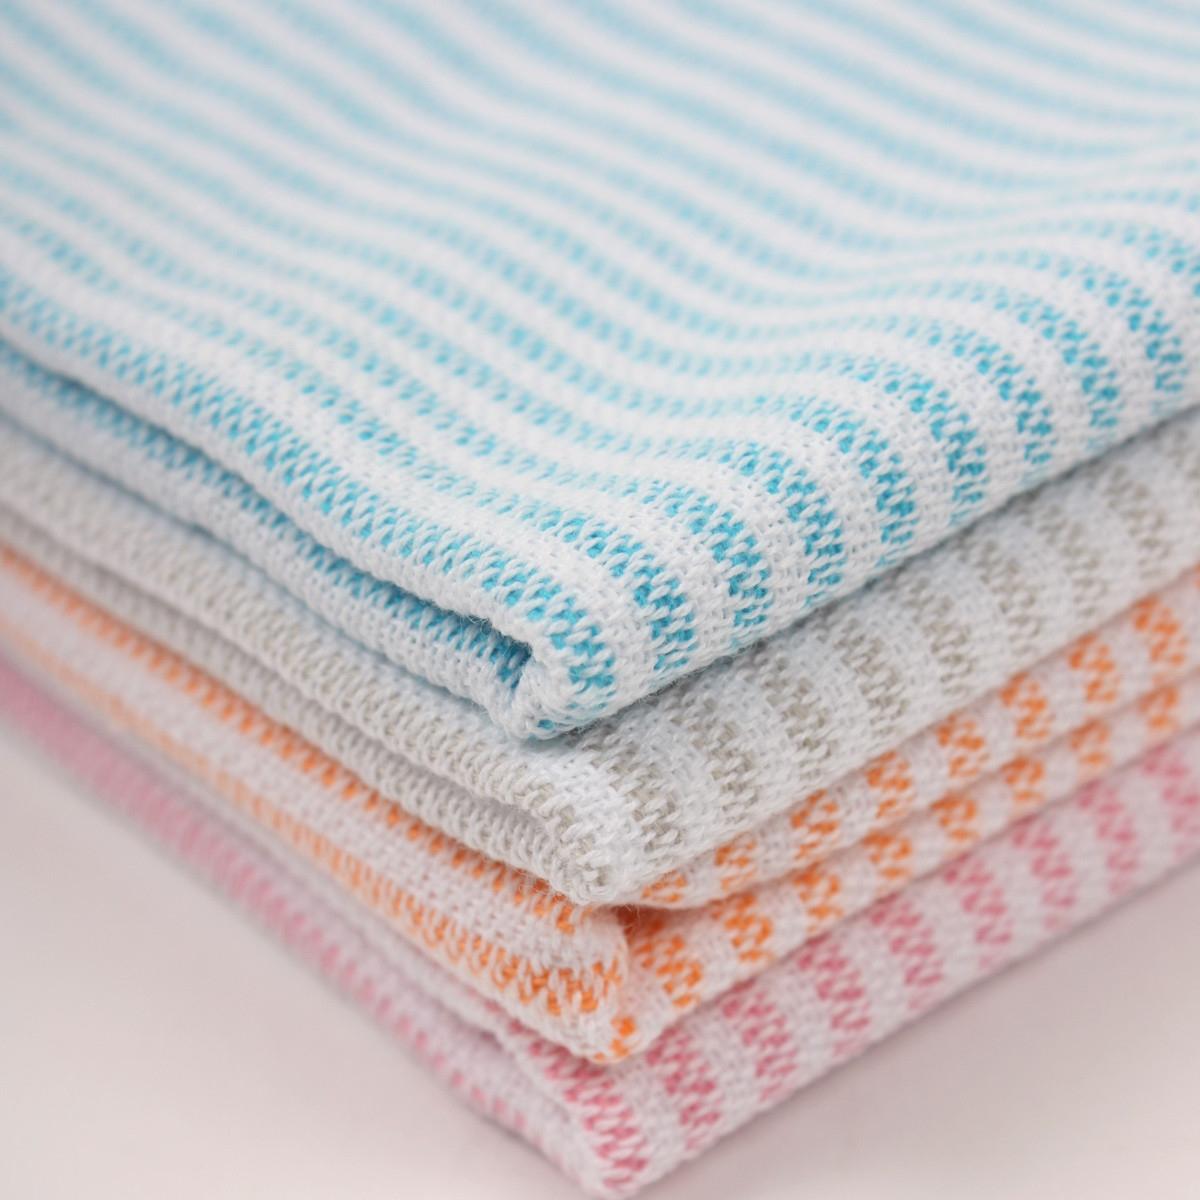 Foutas - als Handtuch, Badetuch oder auch für die Küche